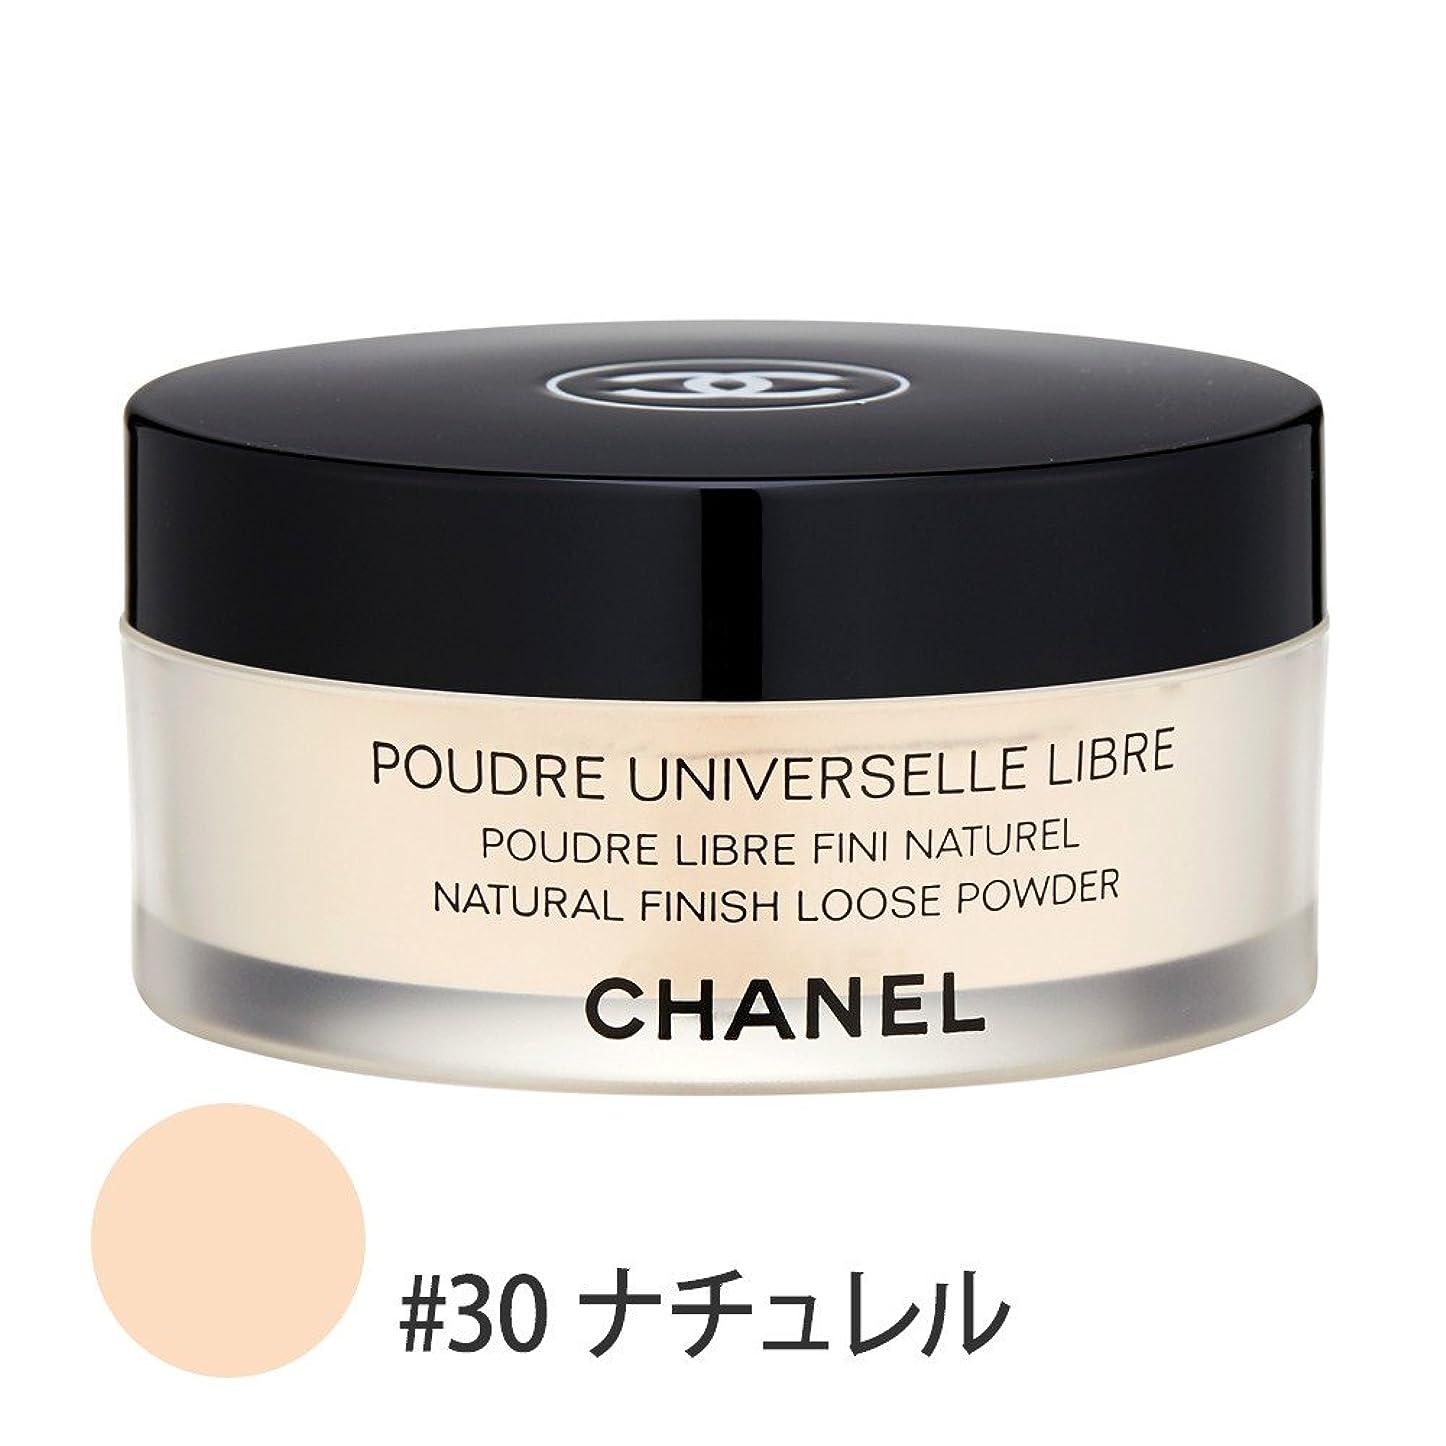 分数核参加するシャネル(CHANEL) プードゥル ユニヴェルセル リーブル #30 ナチュレル 30g[並行輸入品]